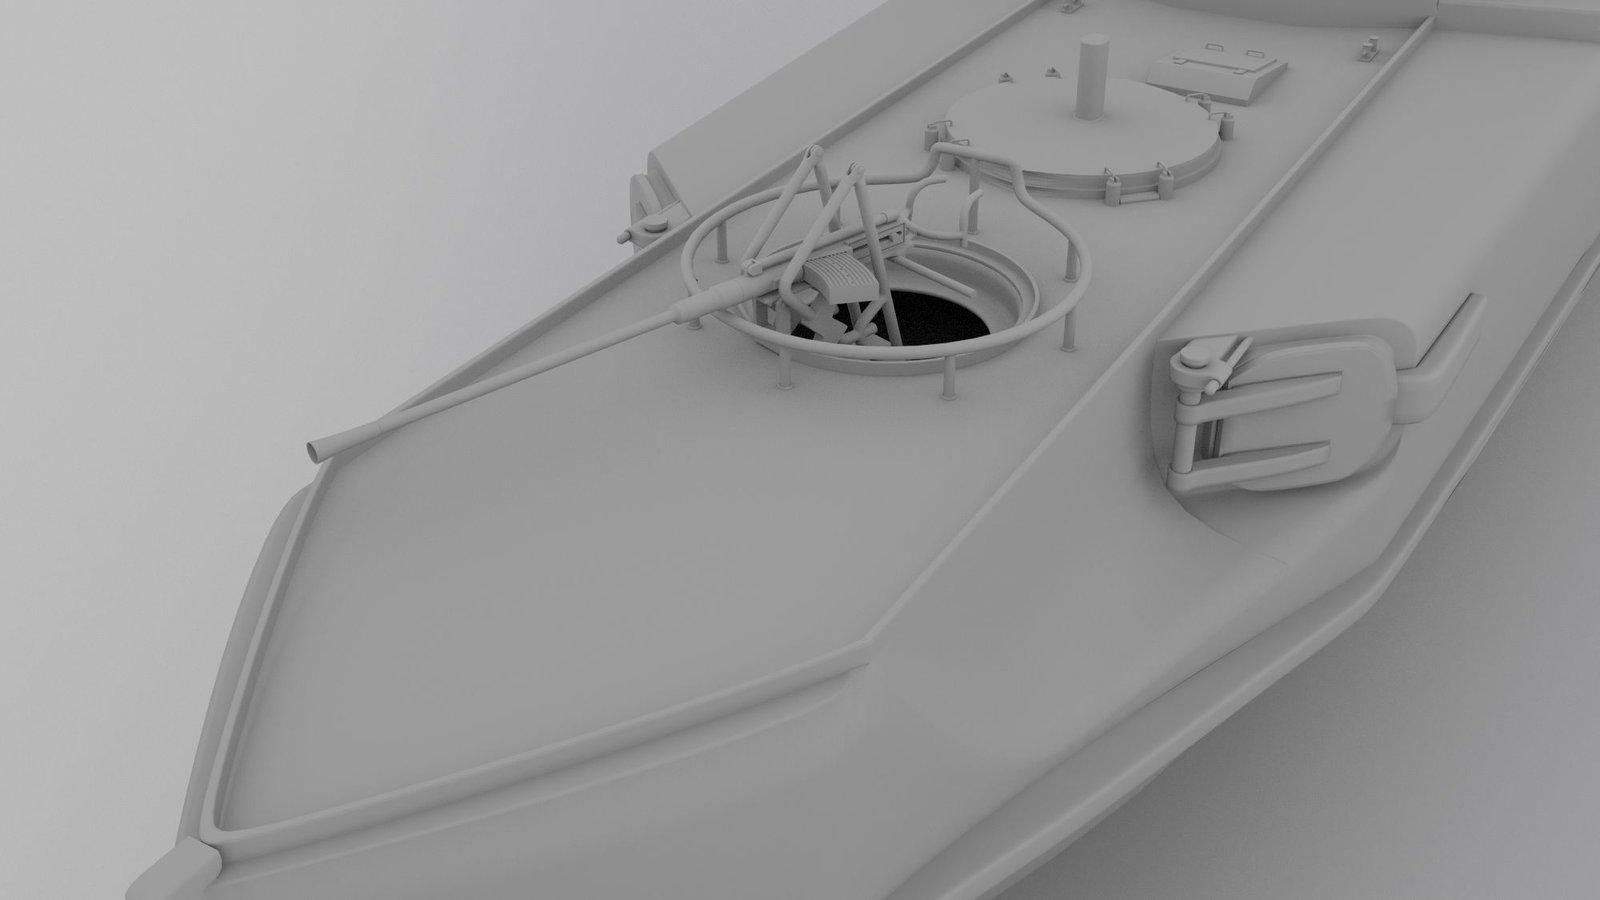 ship-front-angle.jpg